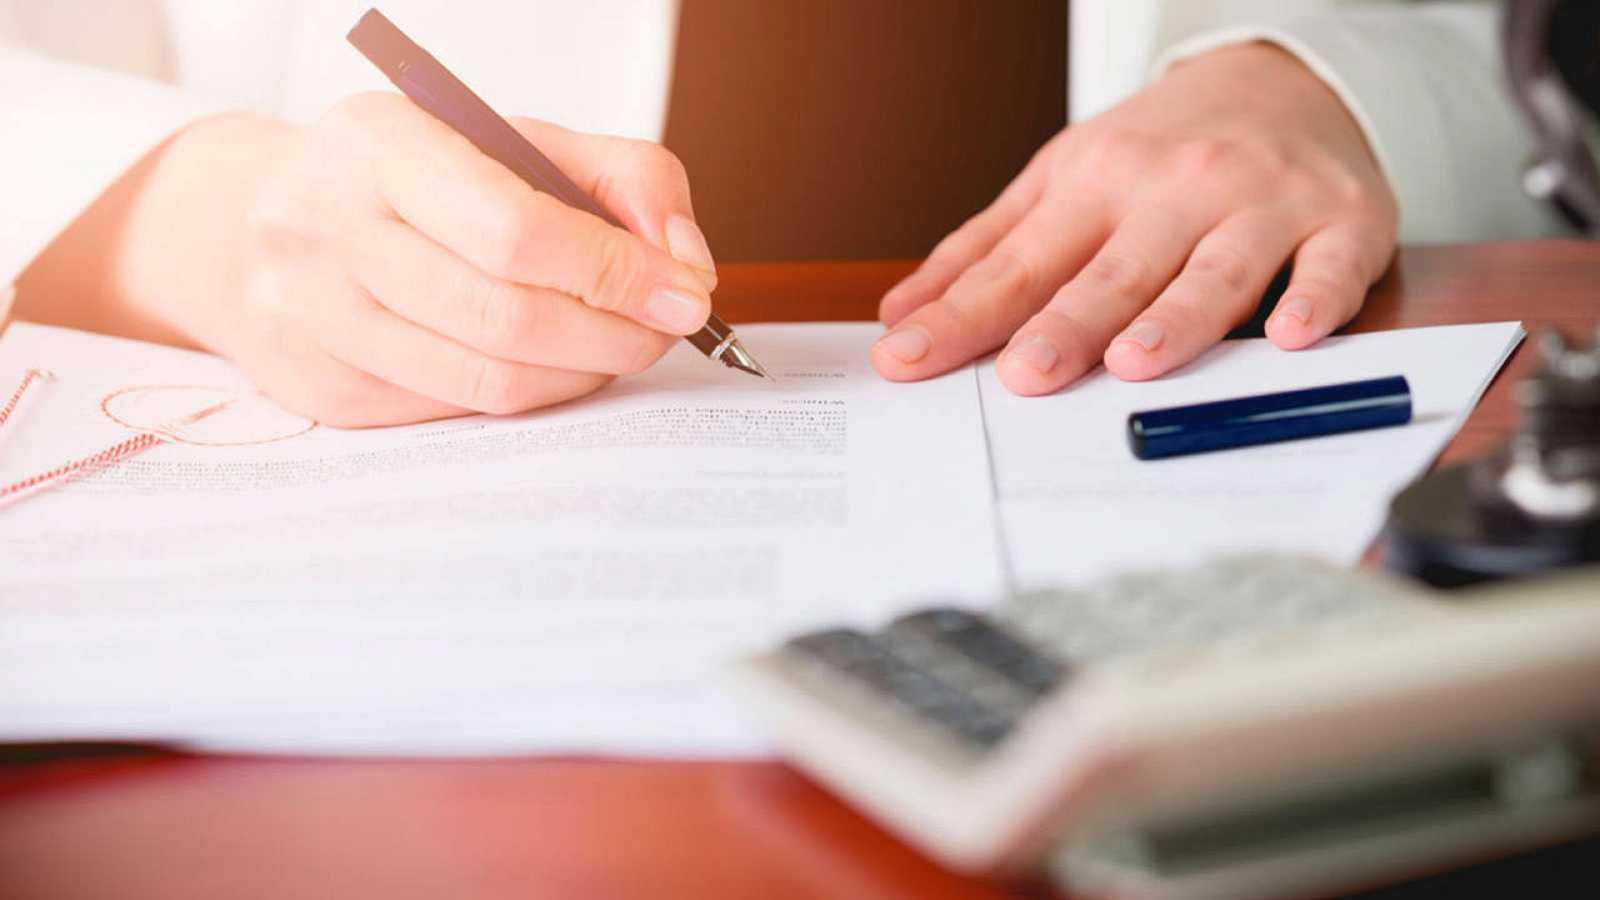 Los expertos recomiendan esperar a que el Supremo confirme su doctrina antes de firmar una hipoteca